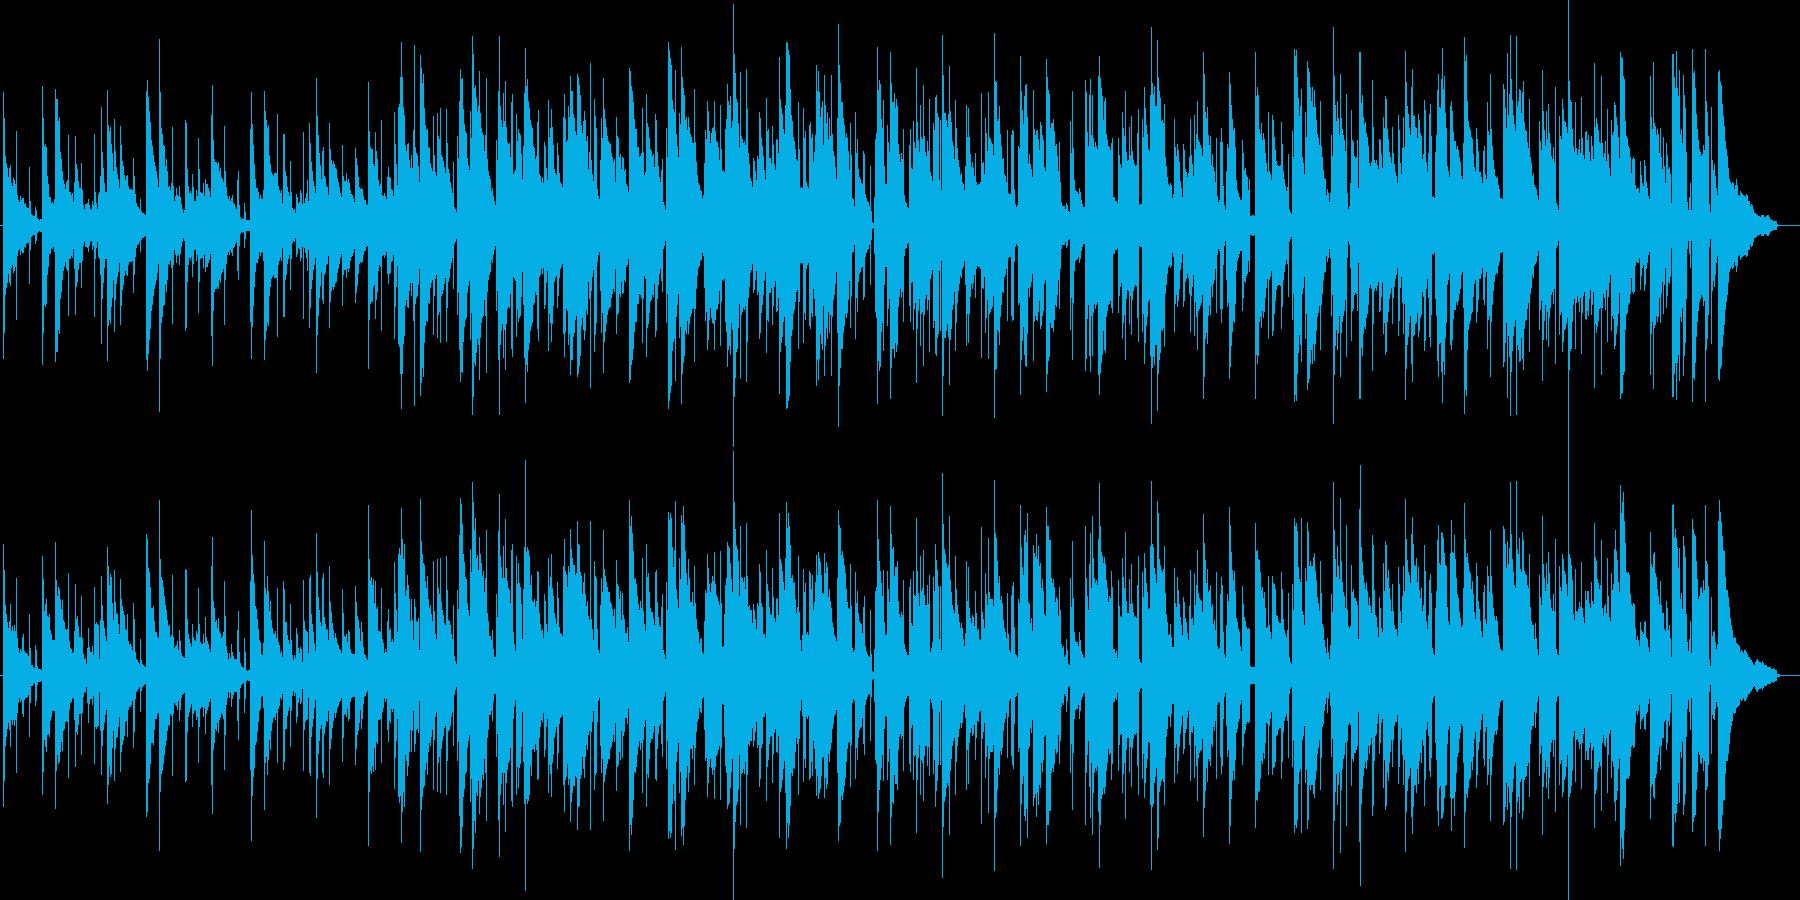 綺麗な音色のアコースティック風BGMの再生済みの波形